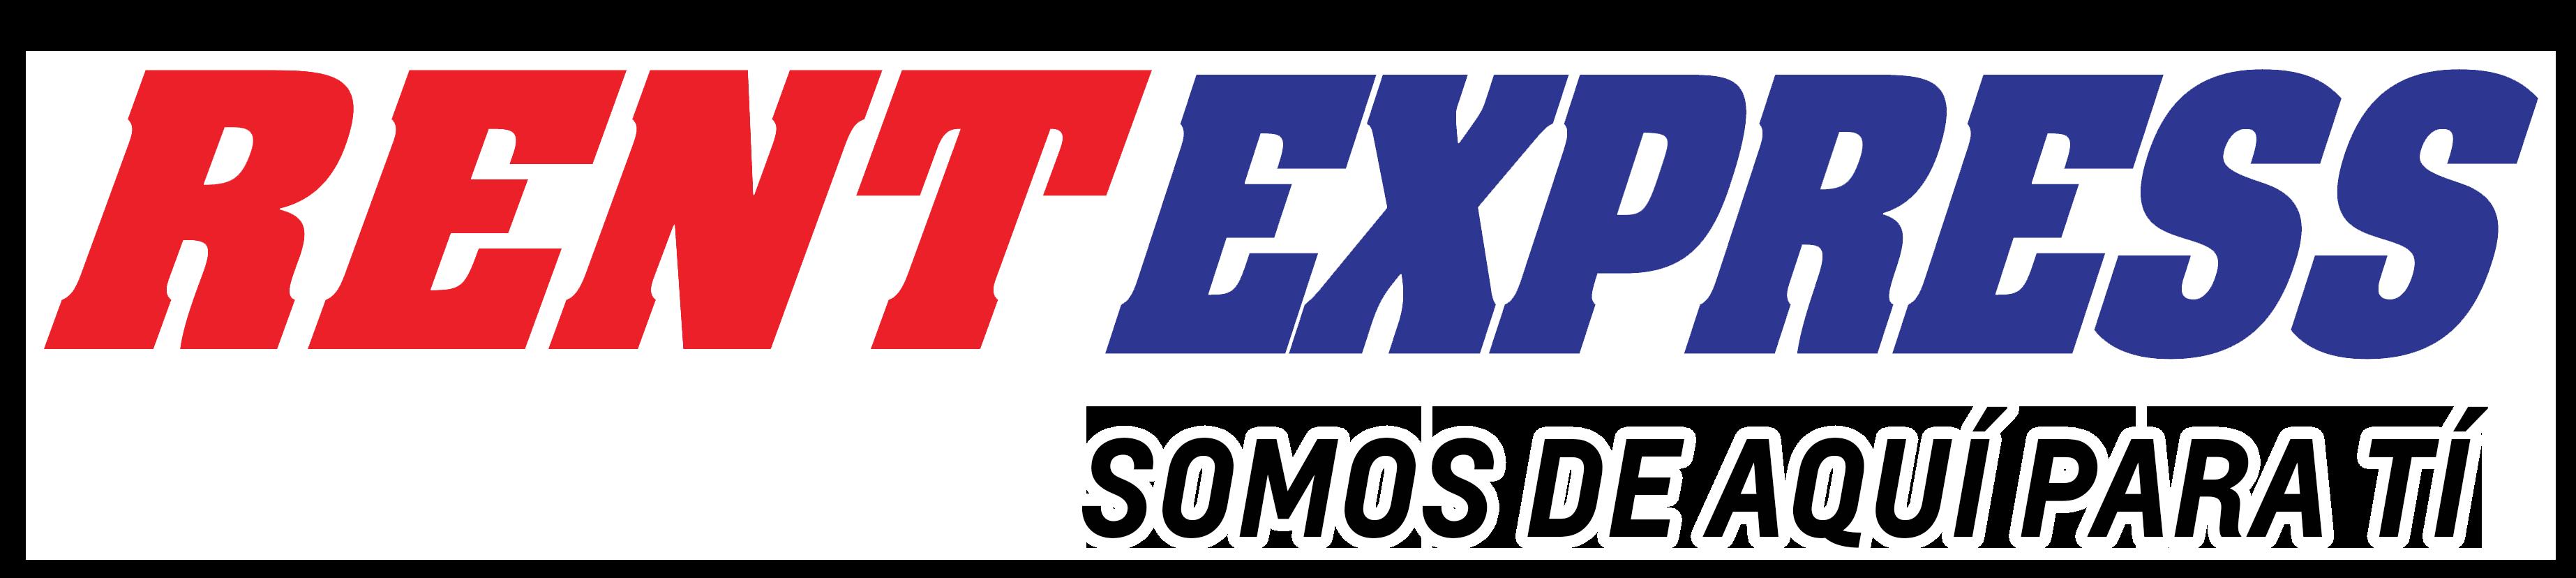 RentExpressLogo 2_Stroke_Somos2